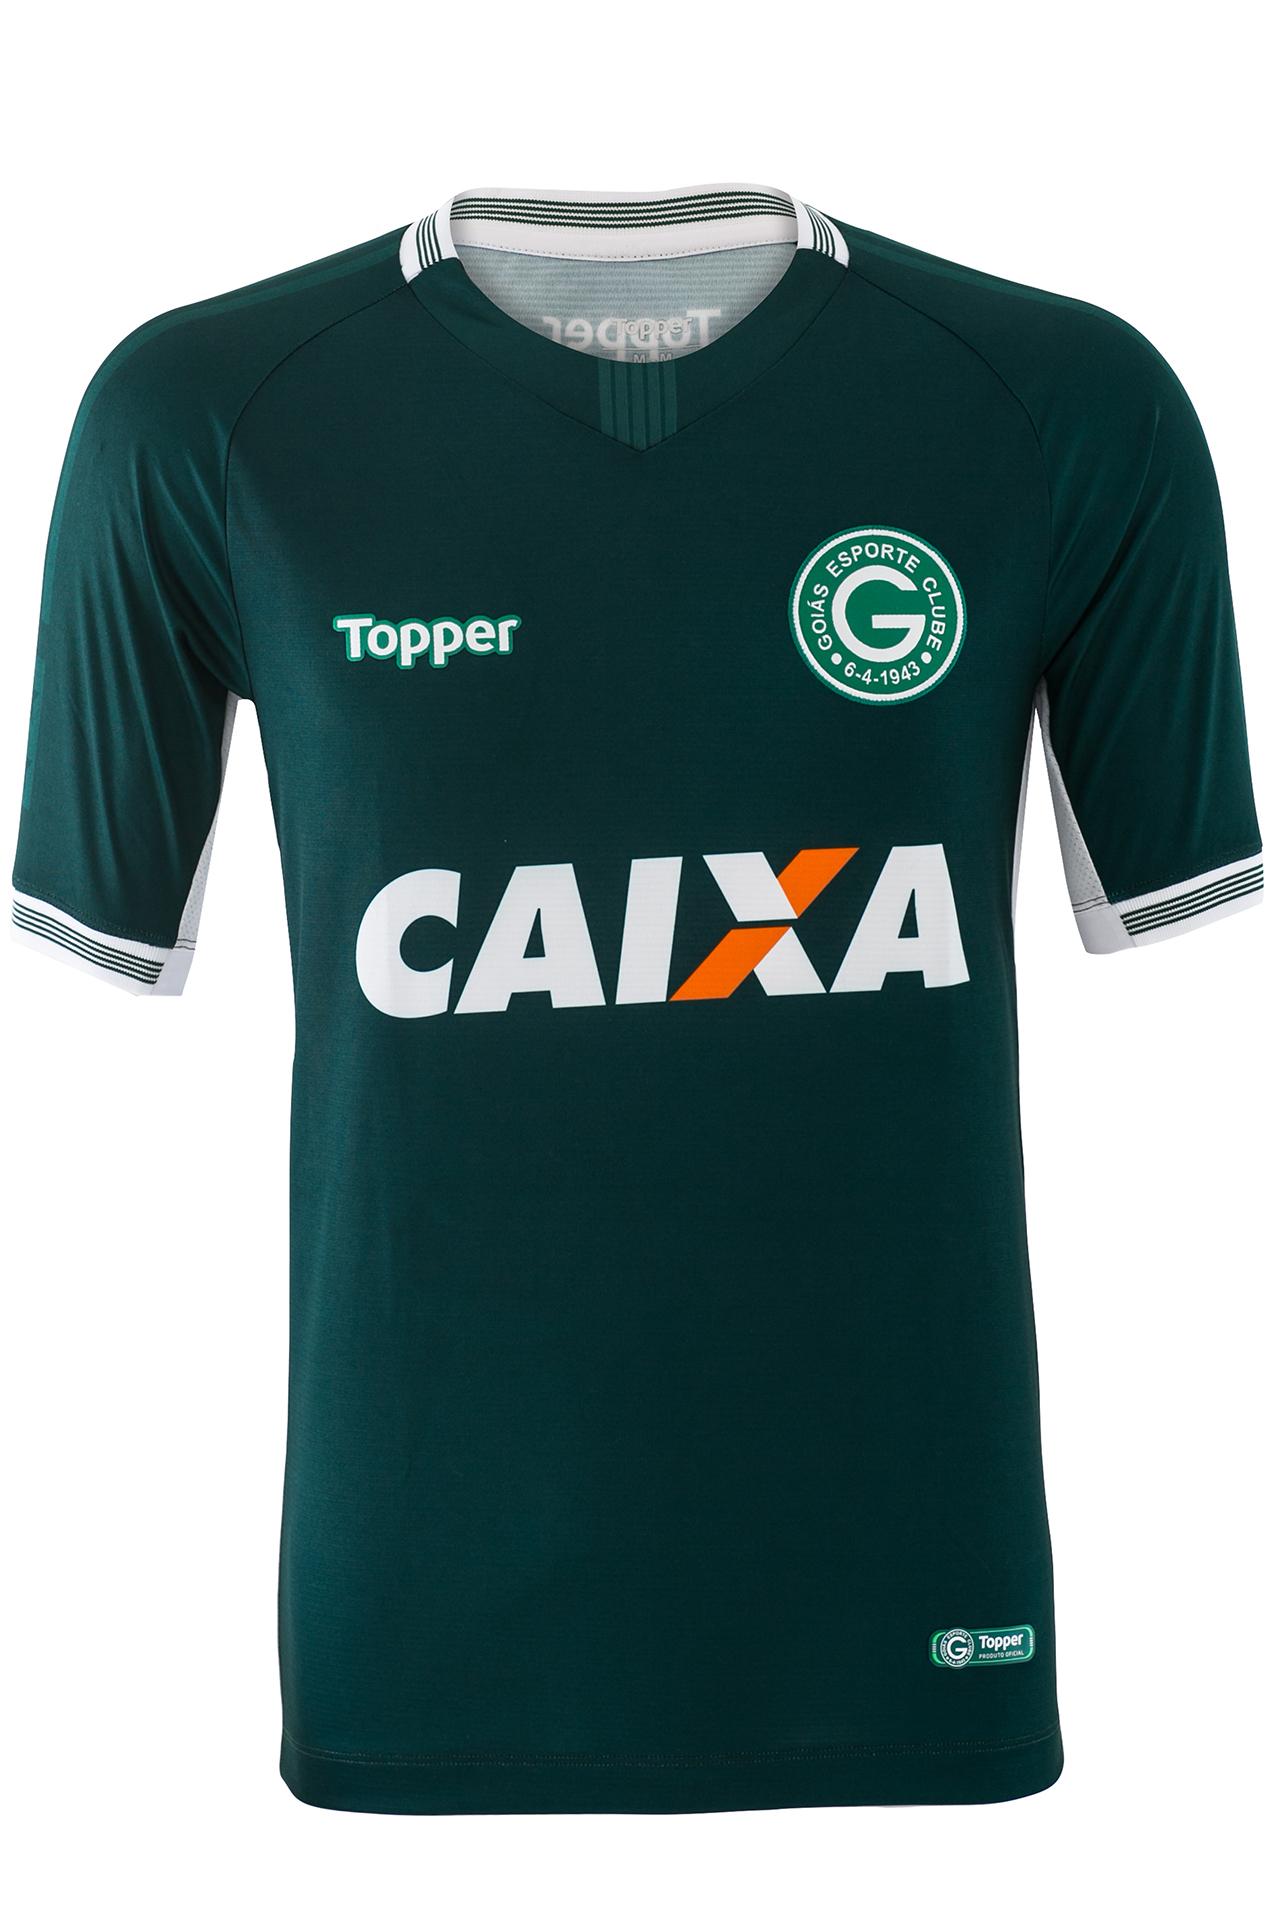 Goiás valoriza ícones regionais em novas camisas 1 e 2  1f94488c5aeea